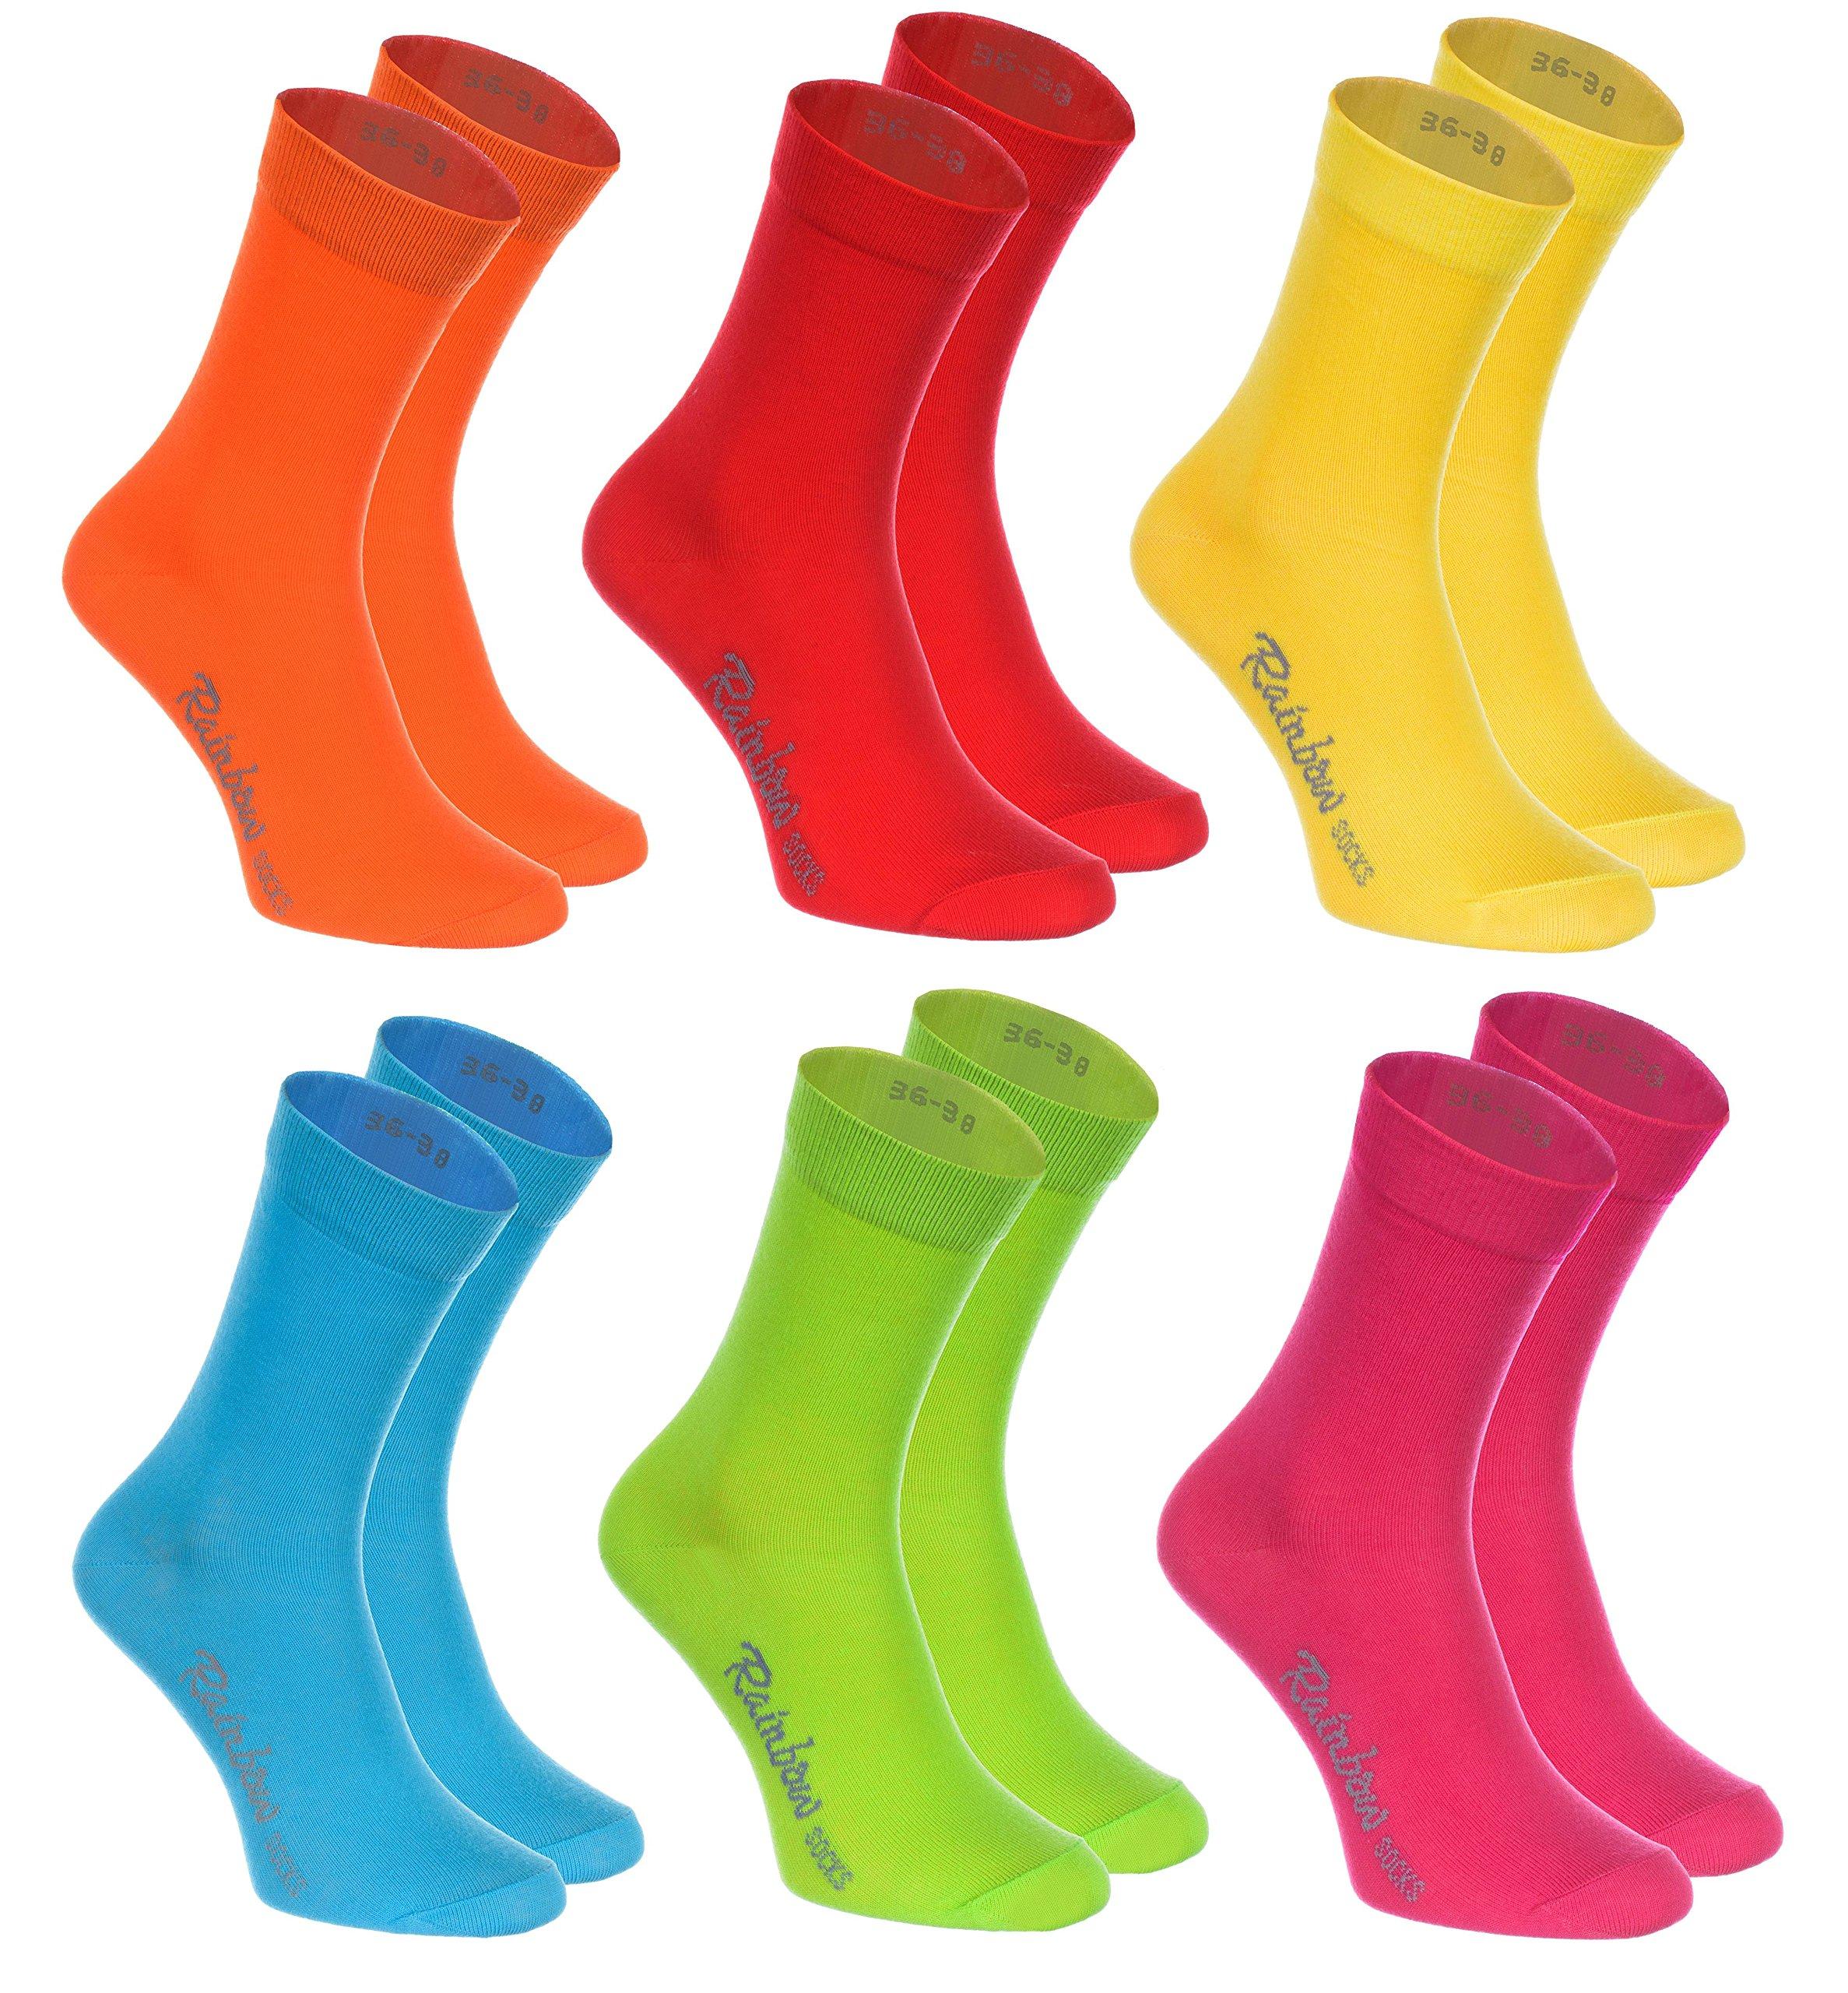 Rainbow Socks 6, 9 o 12 pares de Calcetines de algodón en 12 colores de moda producidos en la UE, la alta calidad de algodón certificado Oeko-Tex, tallas: 36, 37, 38, 39, 40, 41, 42, 43, 44, 45 46 by product image